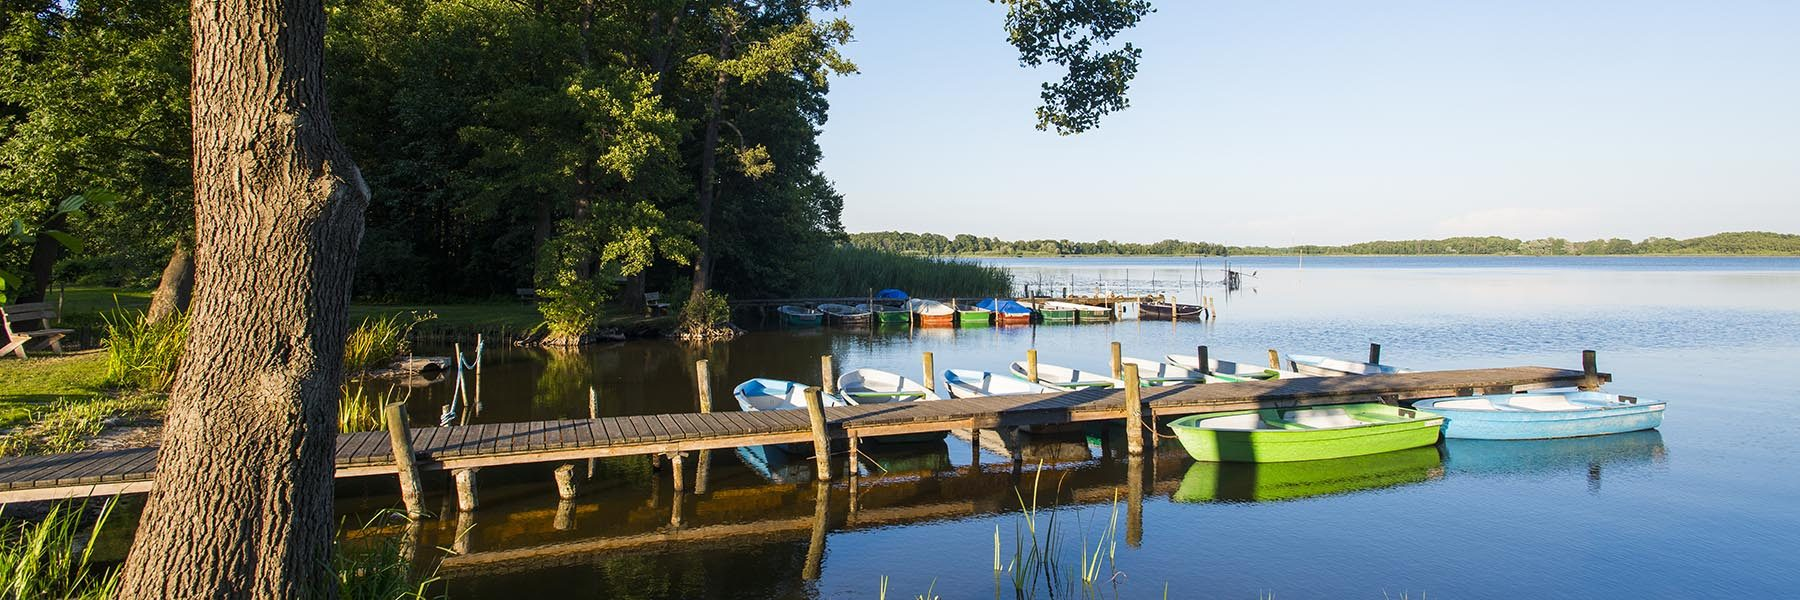 Ruderboote am Bootssteg, Fischerei Köllnitz, Großer Schauener See, Groß Schauen, Naturpark Dahme-Heideseen, Landkreis Oder-Spree, Brandenburg, Deutschland